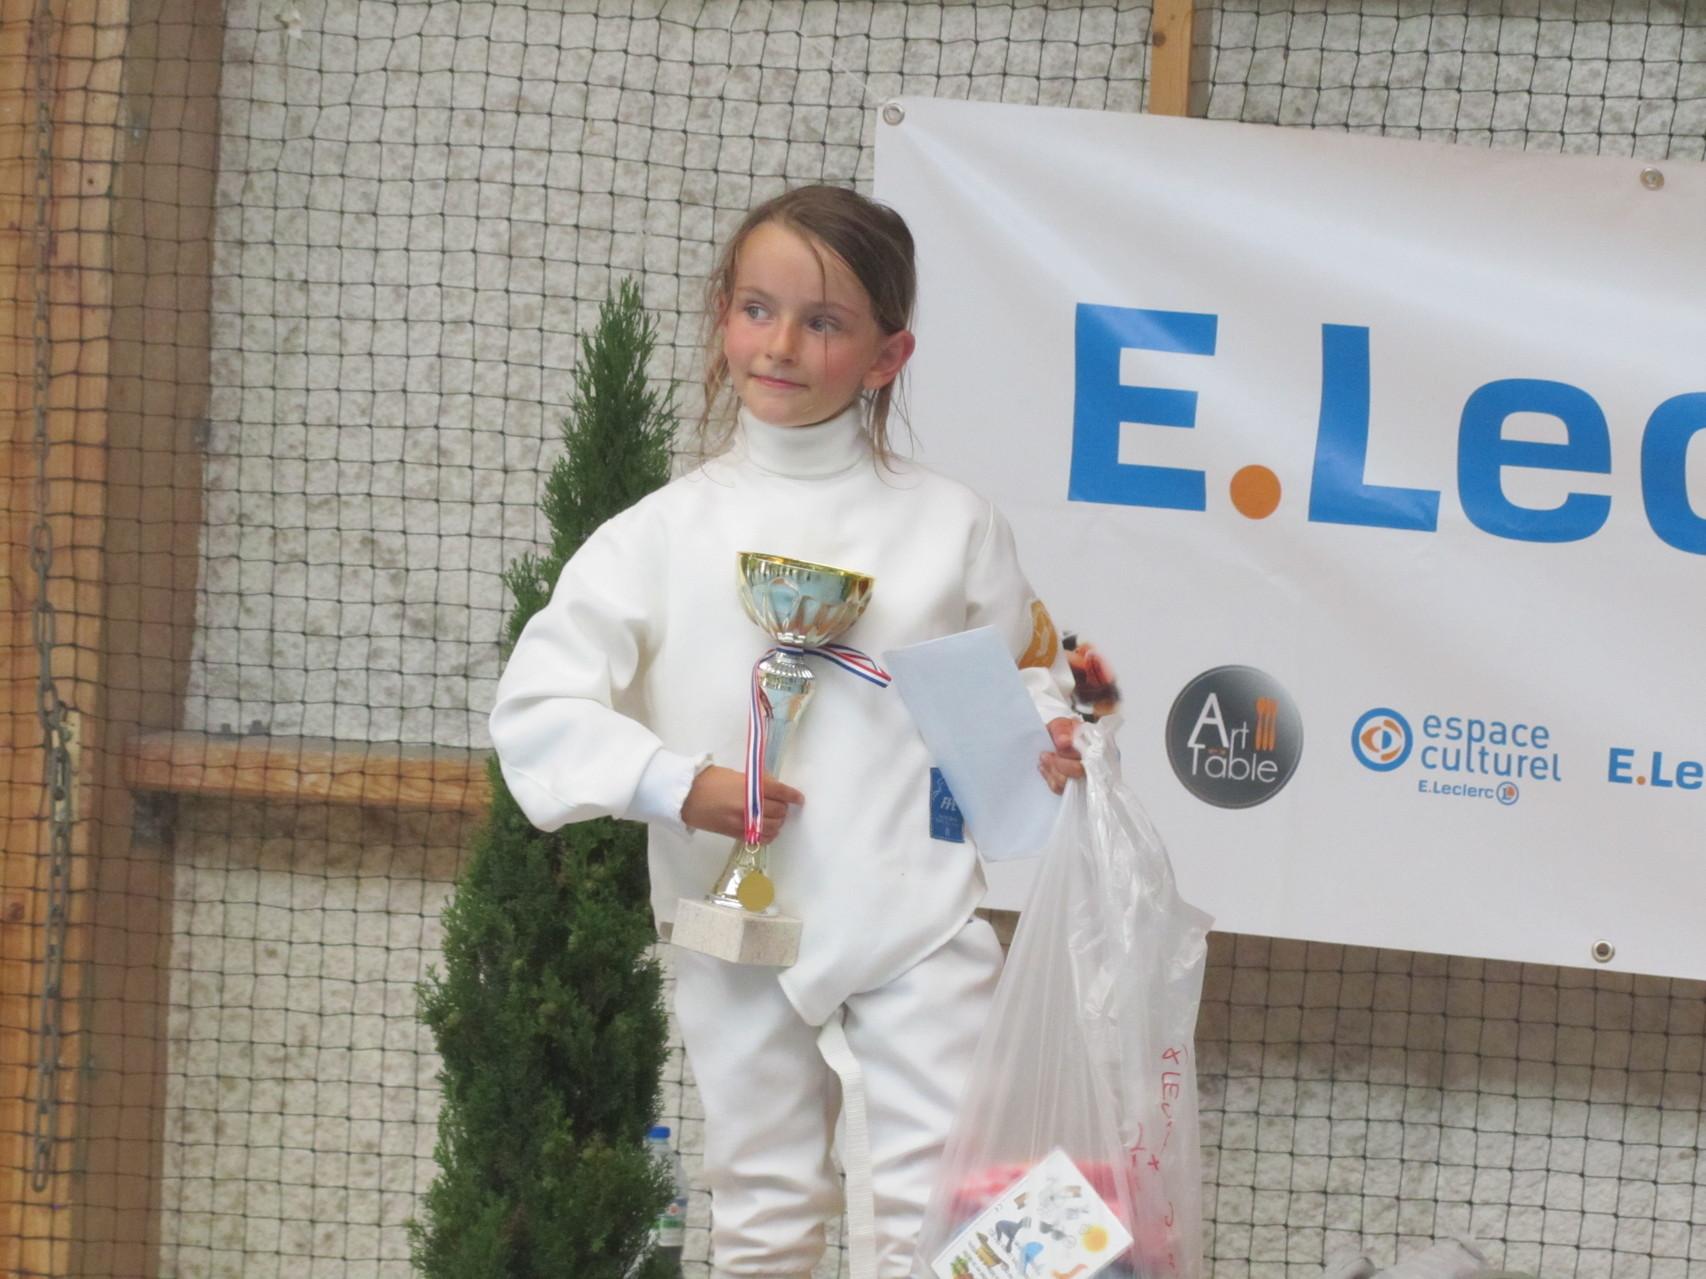 Première compétition et premier titre pour Mathilde. Les choses sérieuses commencent !!!